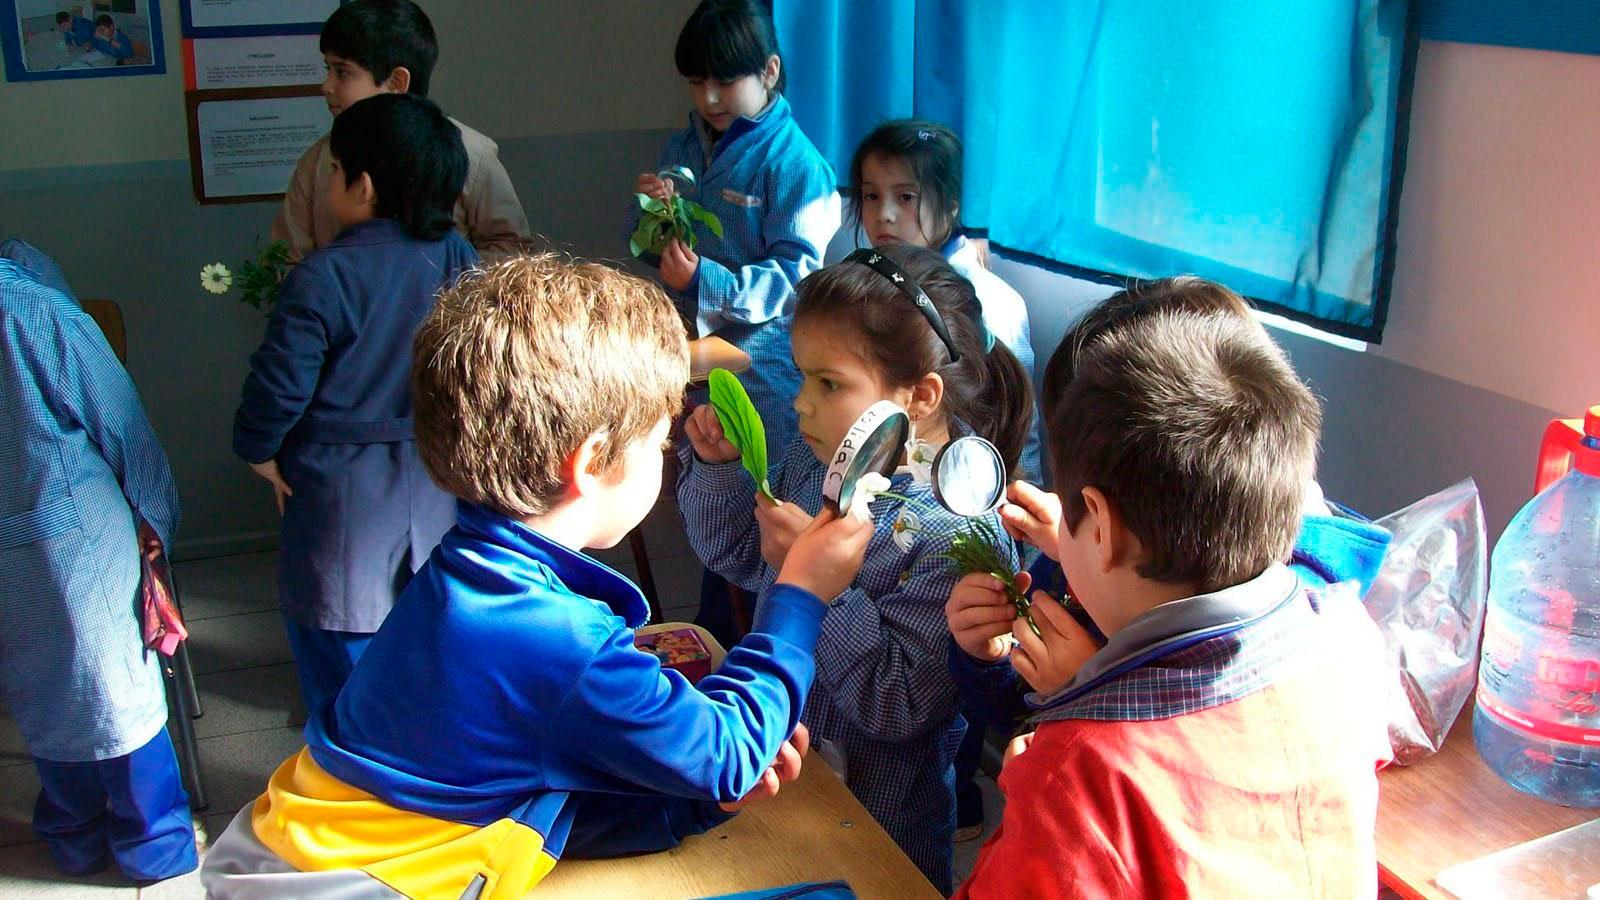 Enseñarán ciencias a niños y niñas de cuatro años y menos